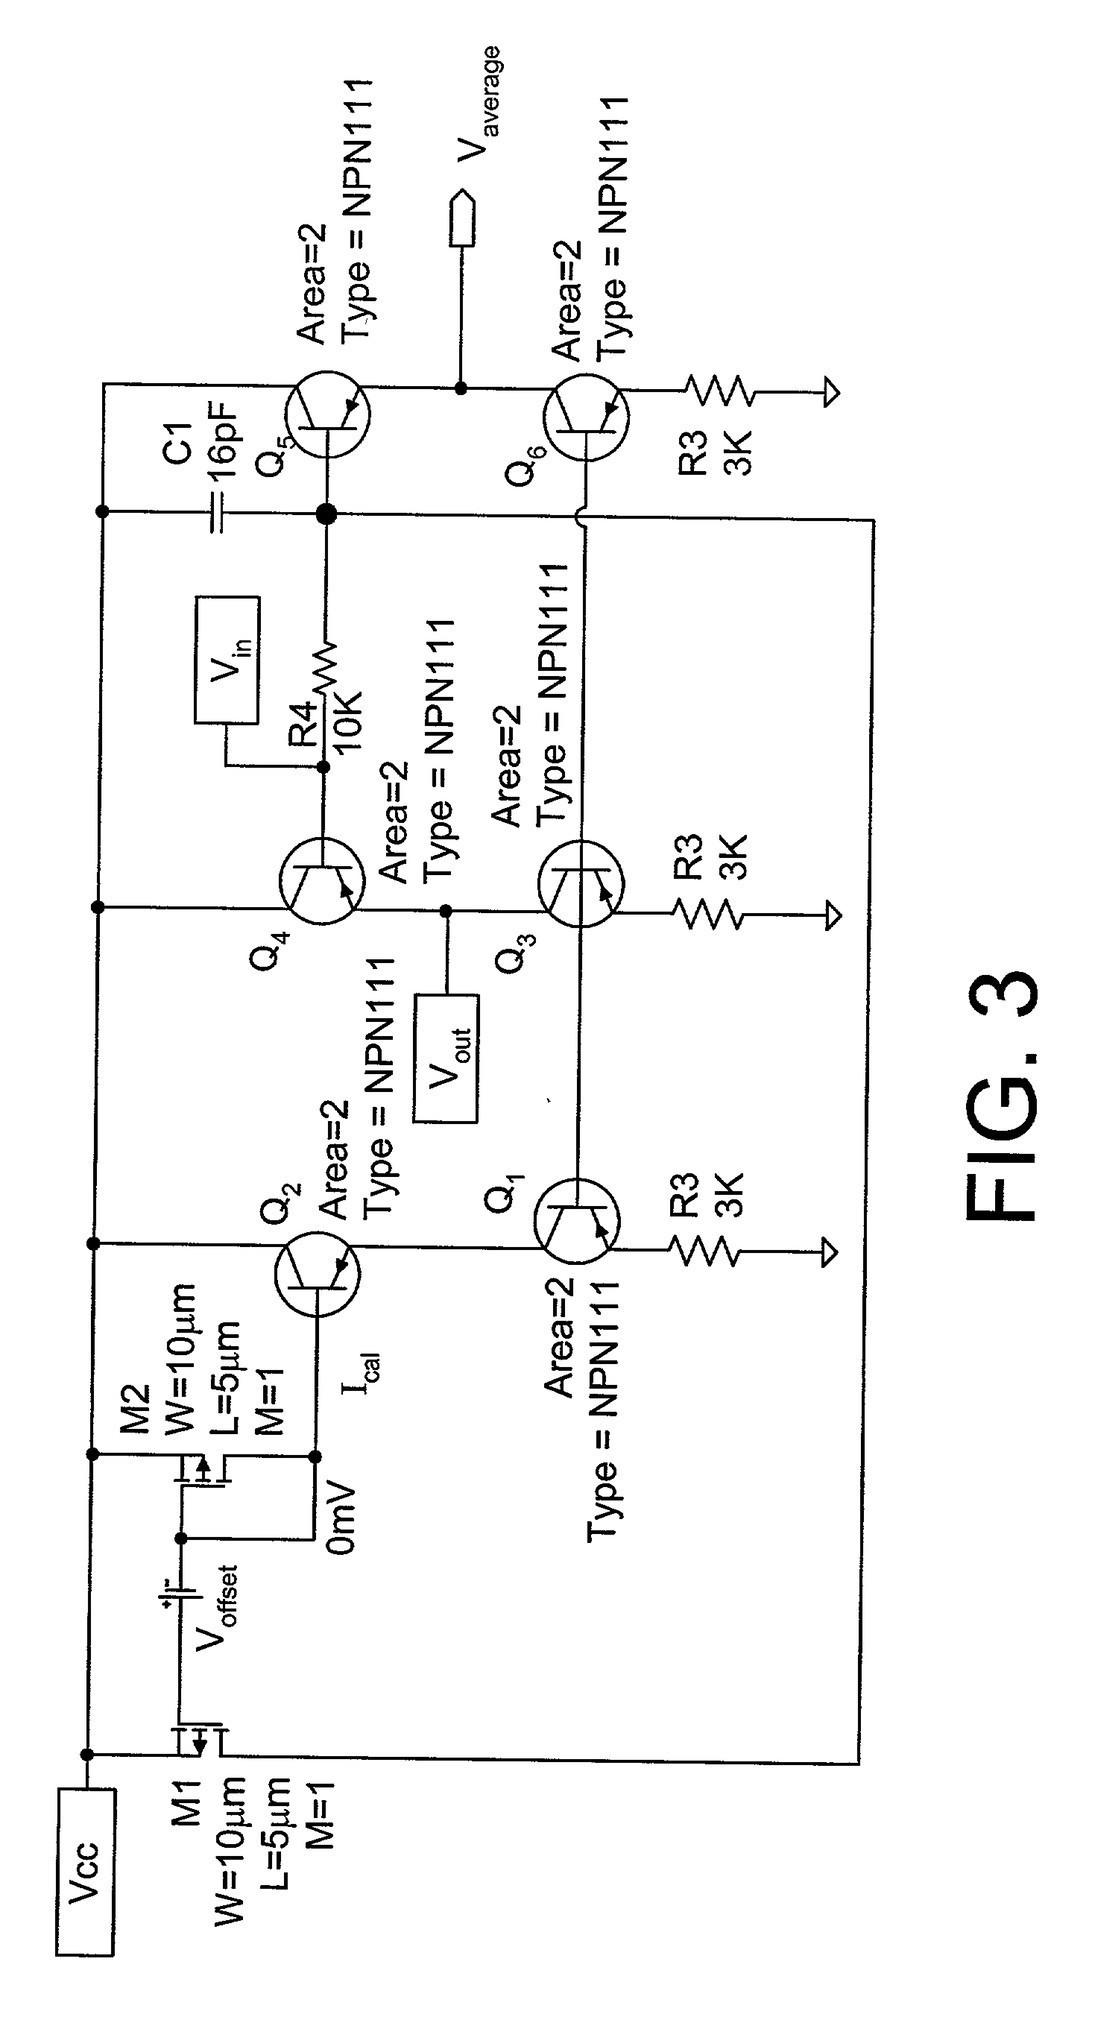 Solar Garden Lights Circuit Diagram